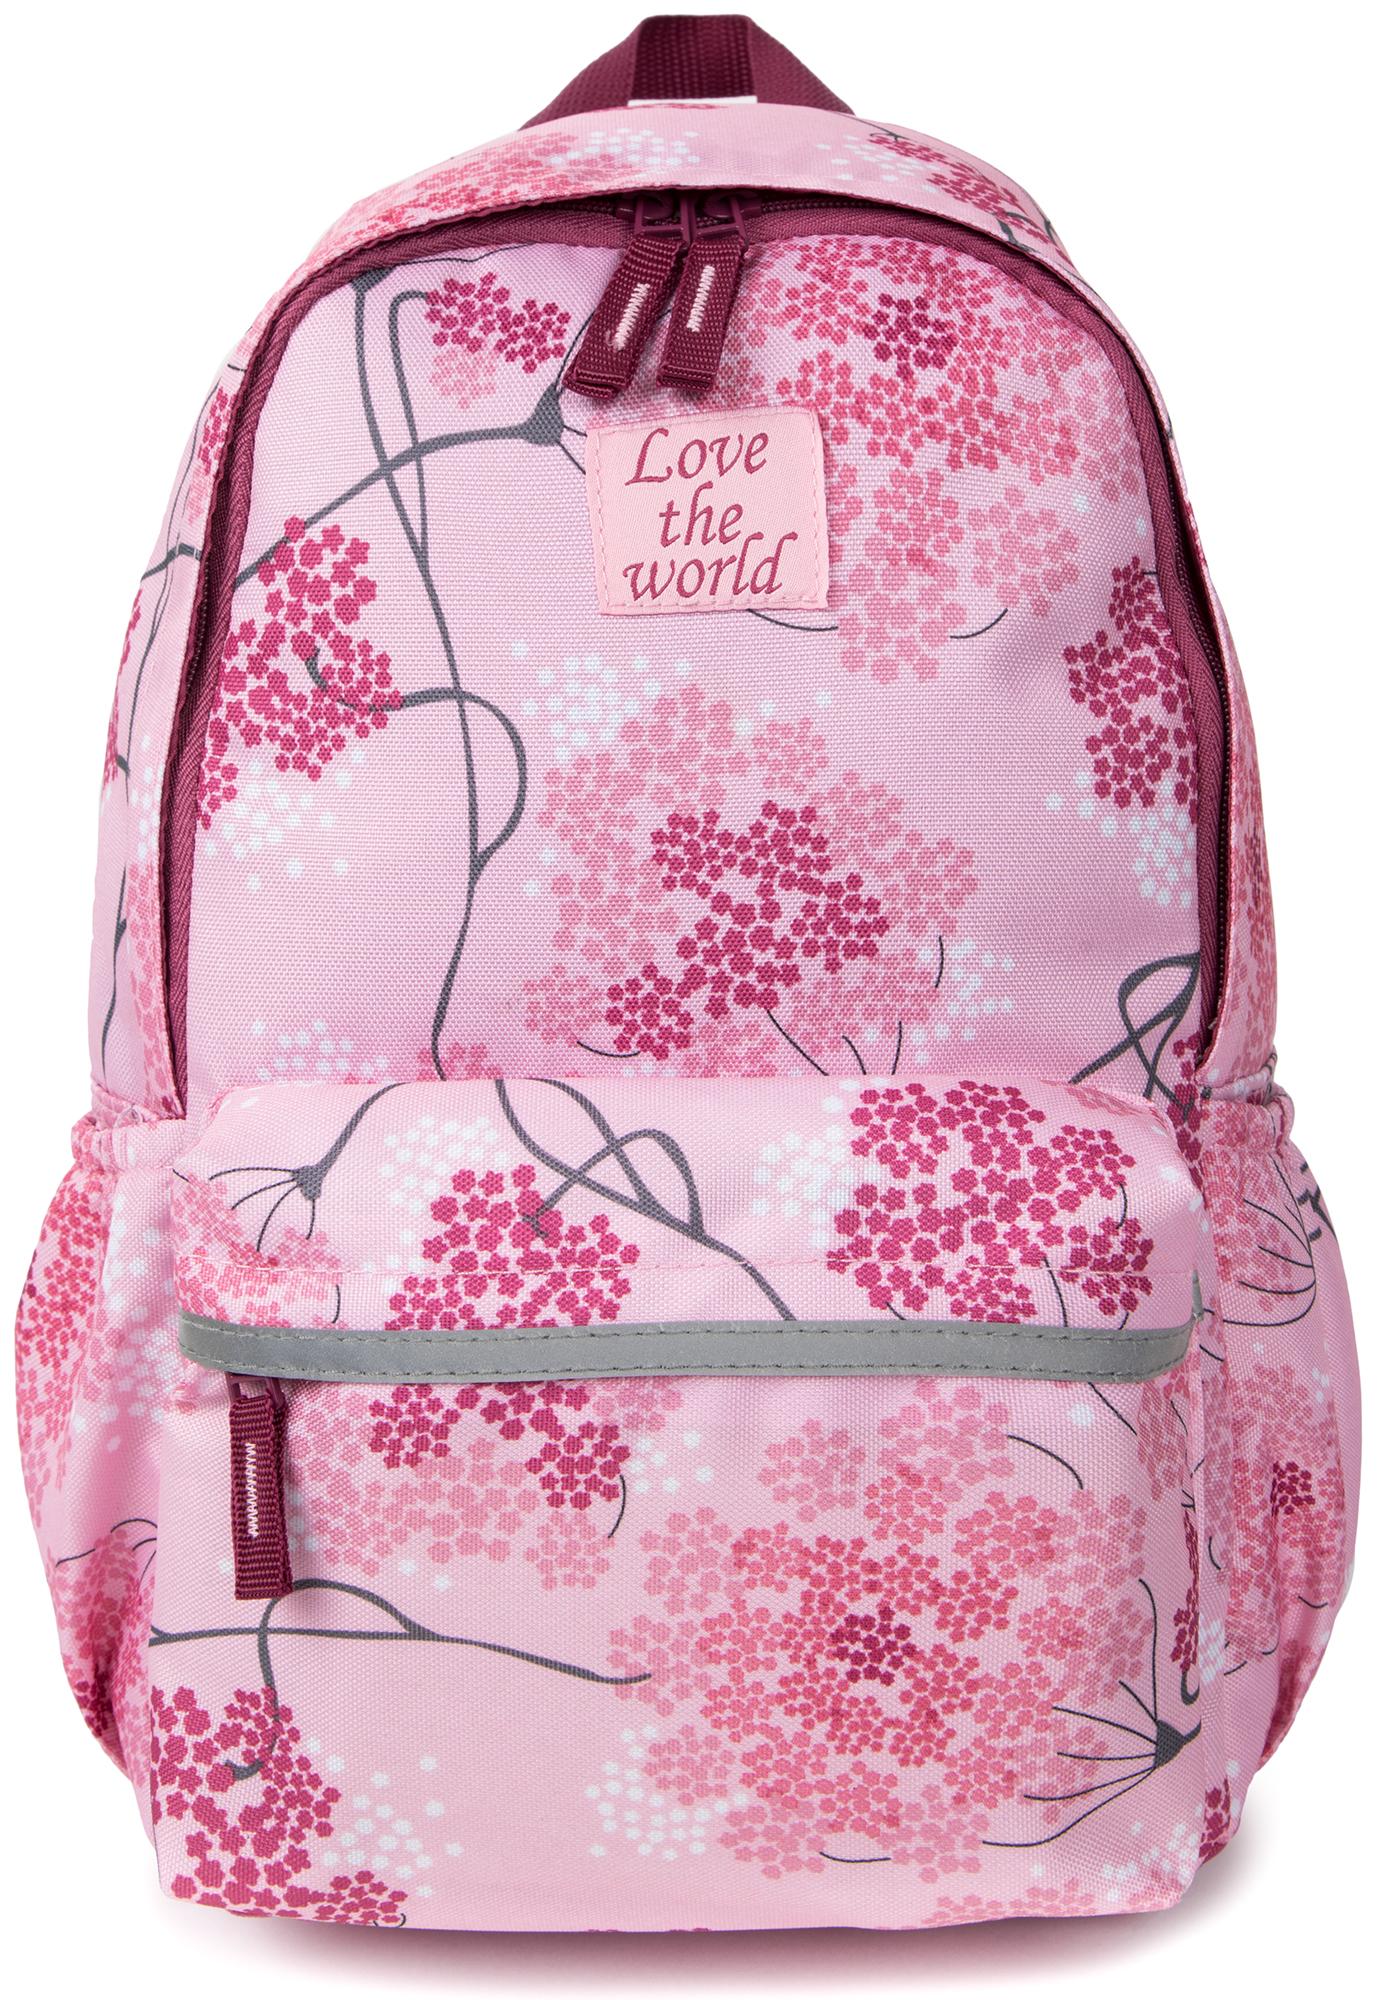 Outventure Рюкзак для девочек Outventure smjm средняя школьная сумка высокого качества жаккардовый легкий плечевой рюкзак для девочек pink daypack